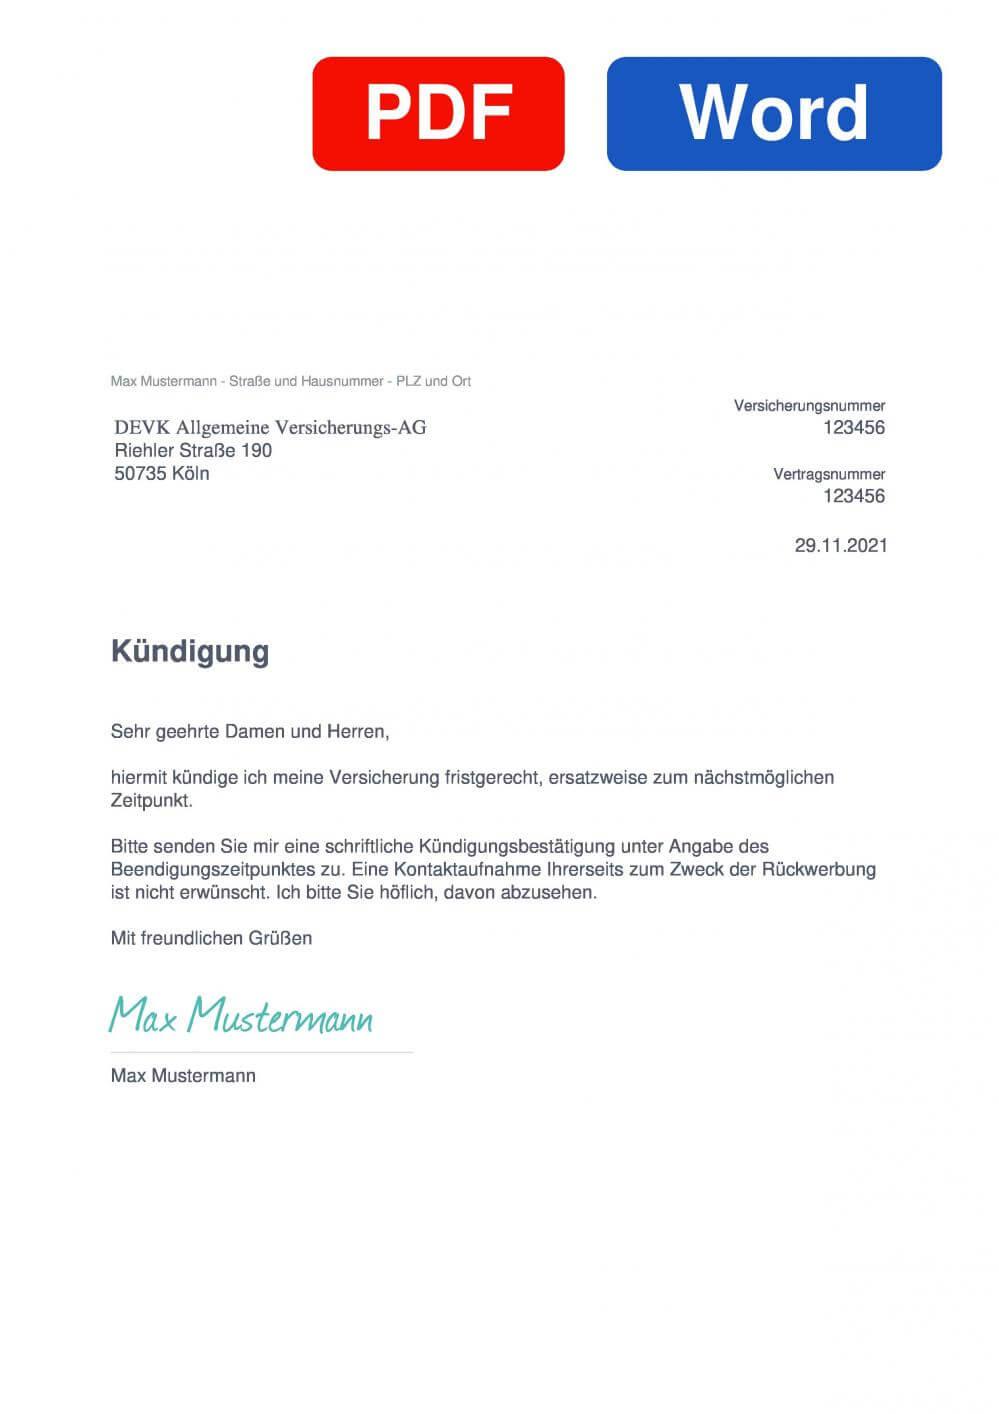 DEVK Direktversicherung Muster Vorlage für Kündigungsschreiben